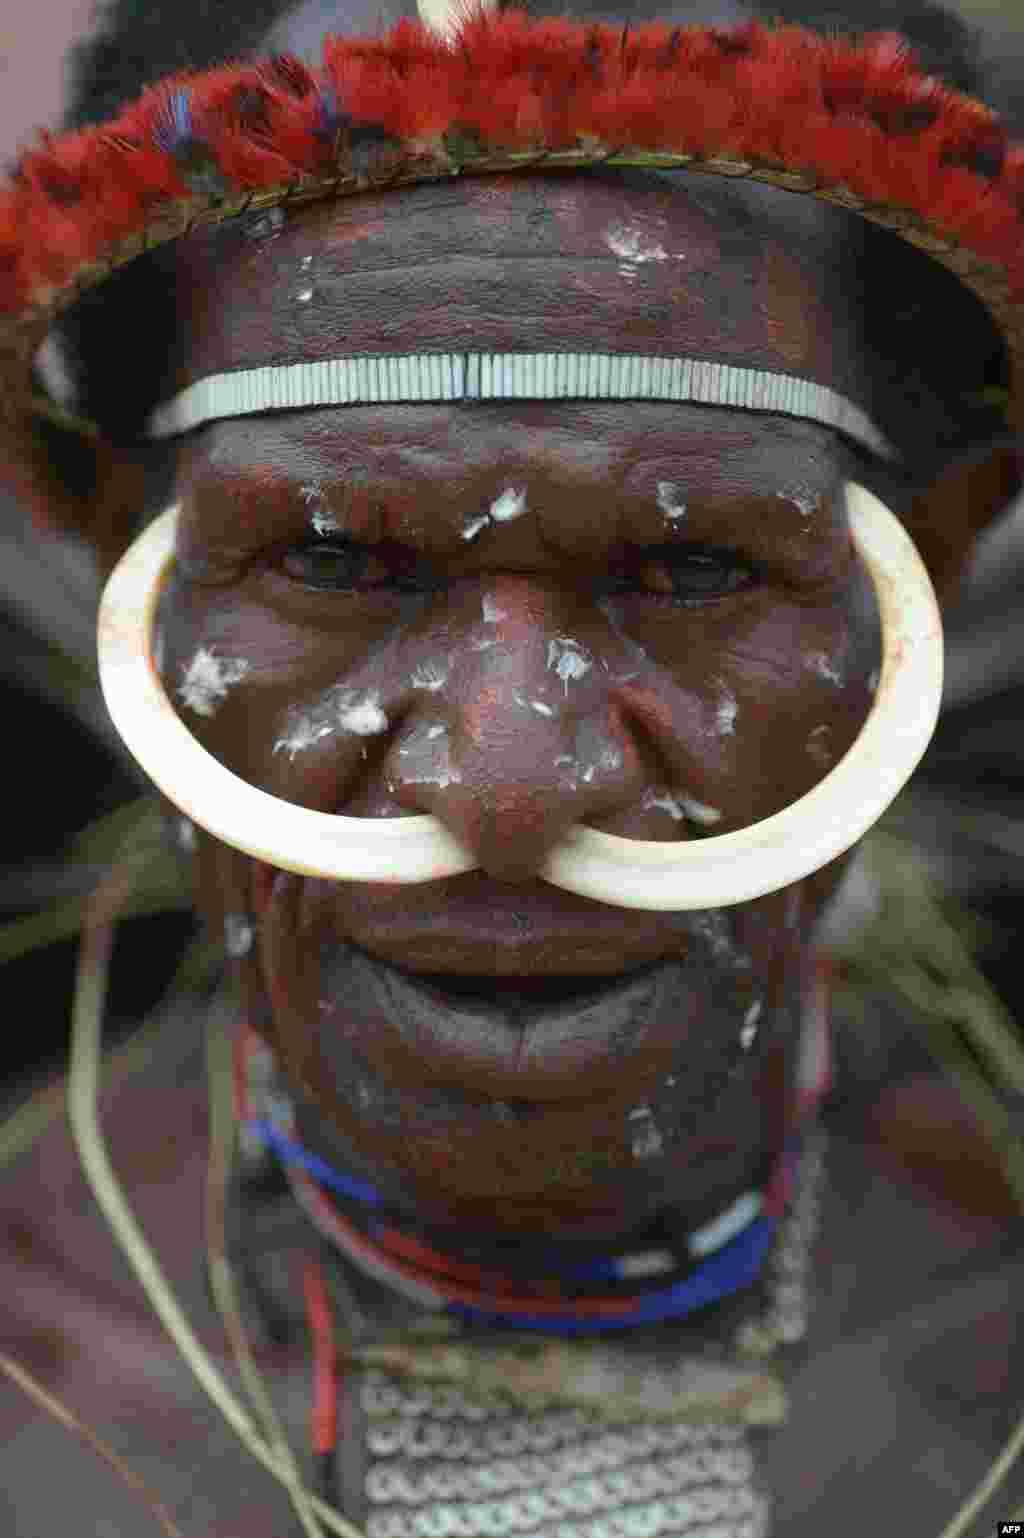 បុរសម្នាក់ពីកុលសម្ព័ន្ធ Dani ចូលរួមនៅក្នុងការសមបែបសង្រ្គាមរវាងកុលសម្ព័ន្ធមួយក្នុងសង្កាត់ Walesi ក្នុងក្រុង Wamena ខេត្ត Papua។